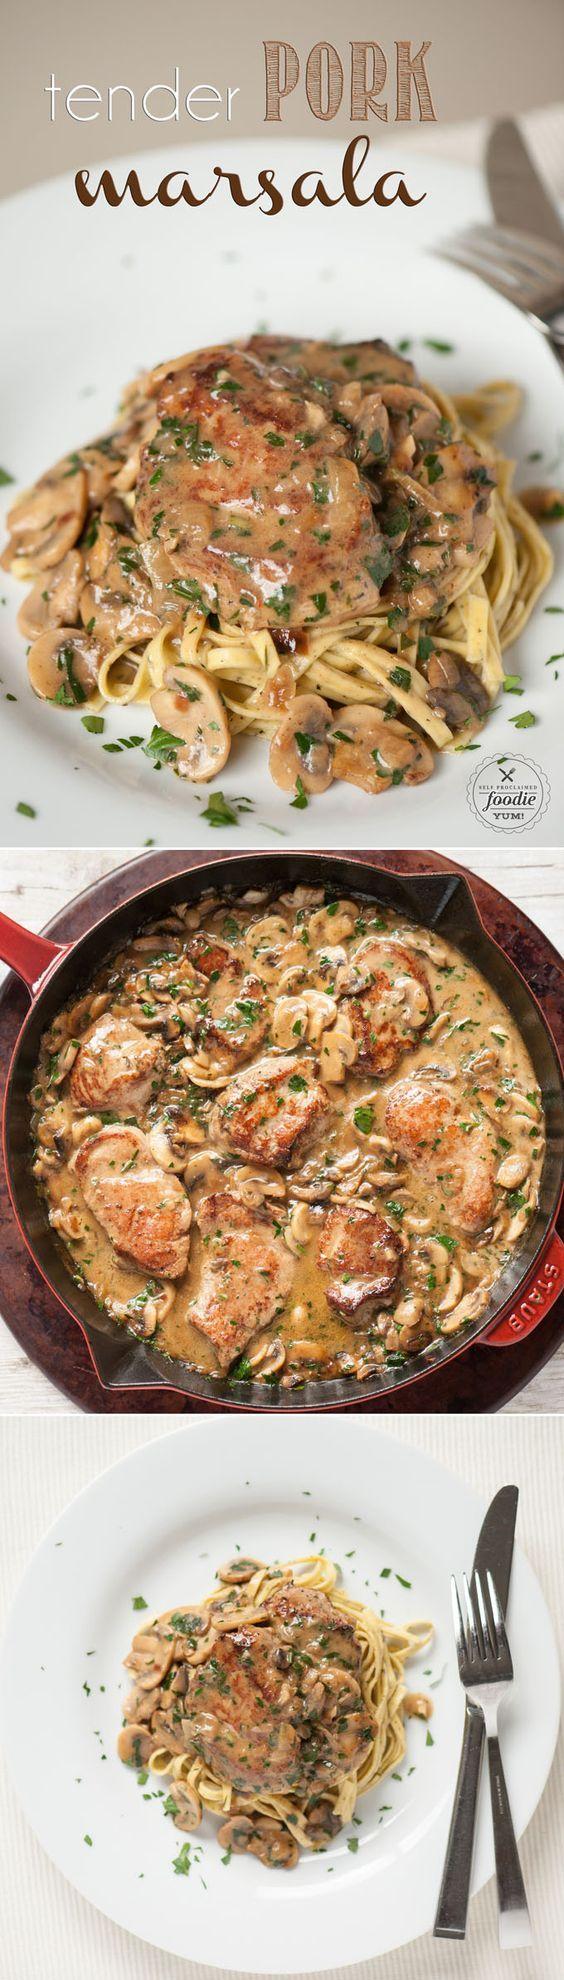 Prêt en seulement 30 minutes, Marsala Tender de porc mariné à base de filet de porc étouffé dans une sauce aux champignons de vin, est parfait pour tous les soirs de la semaine.